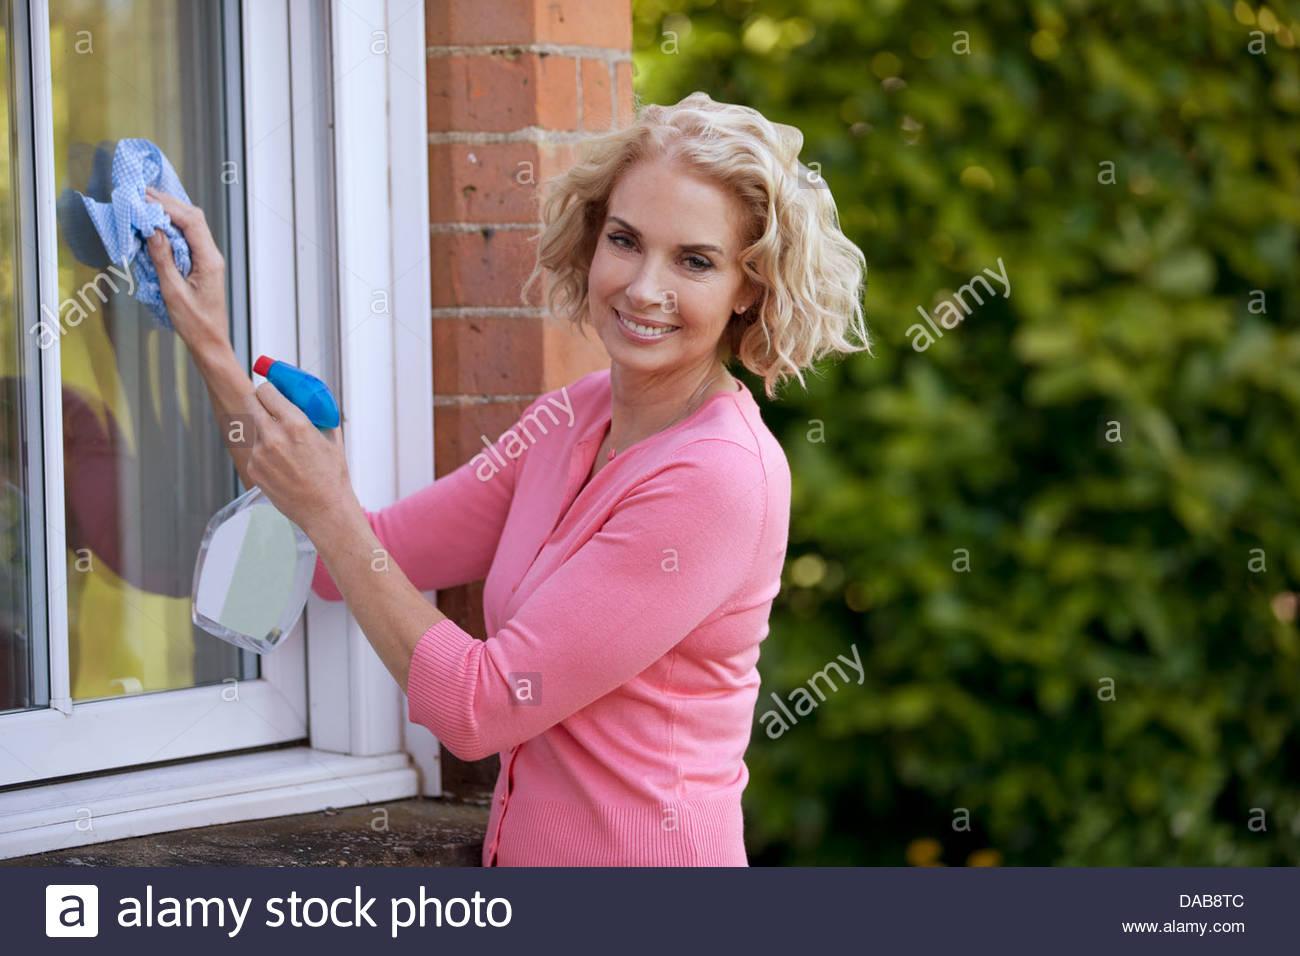 Eine reife Frau, die Reinigung von Fenstern eines Hauses Stockfoto